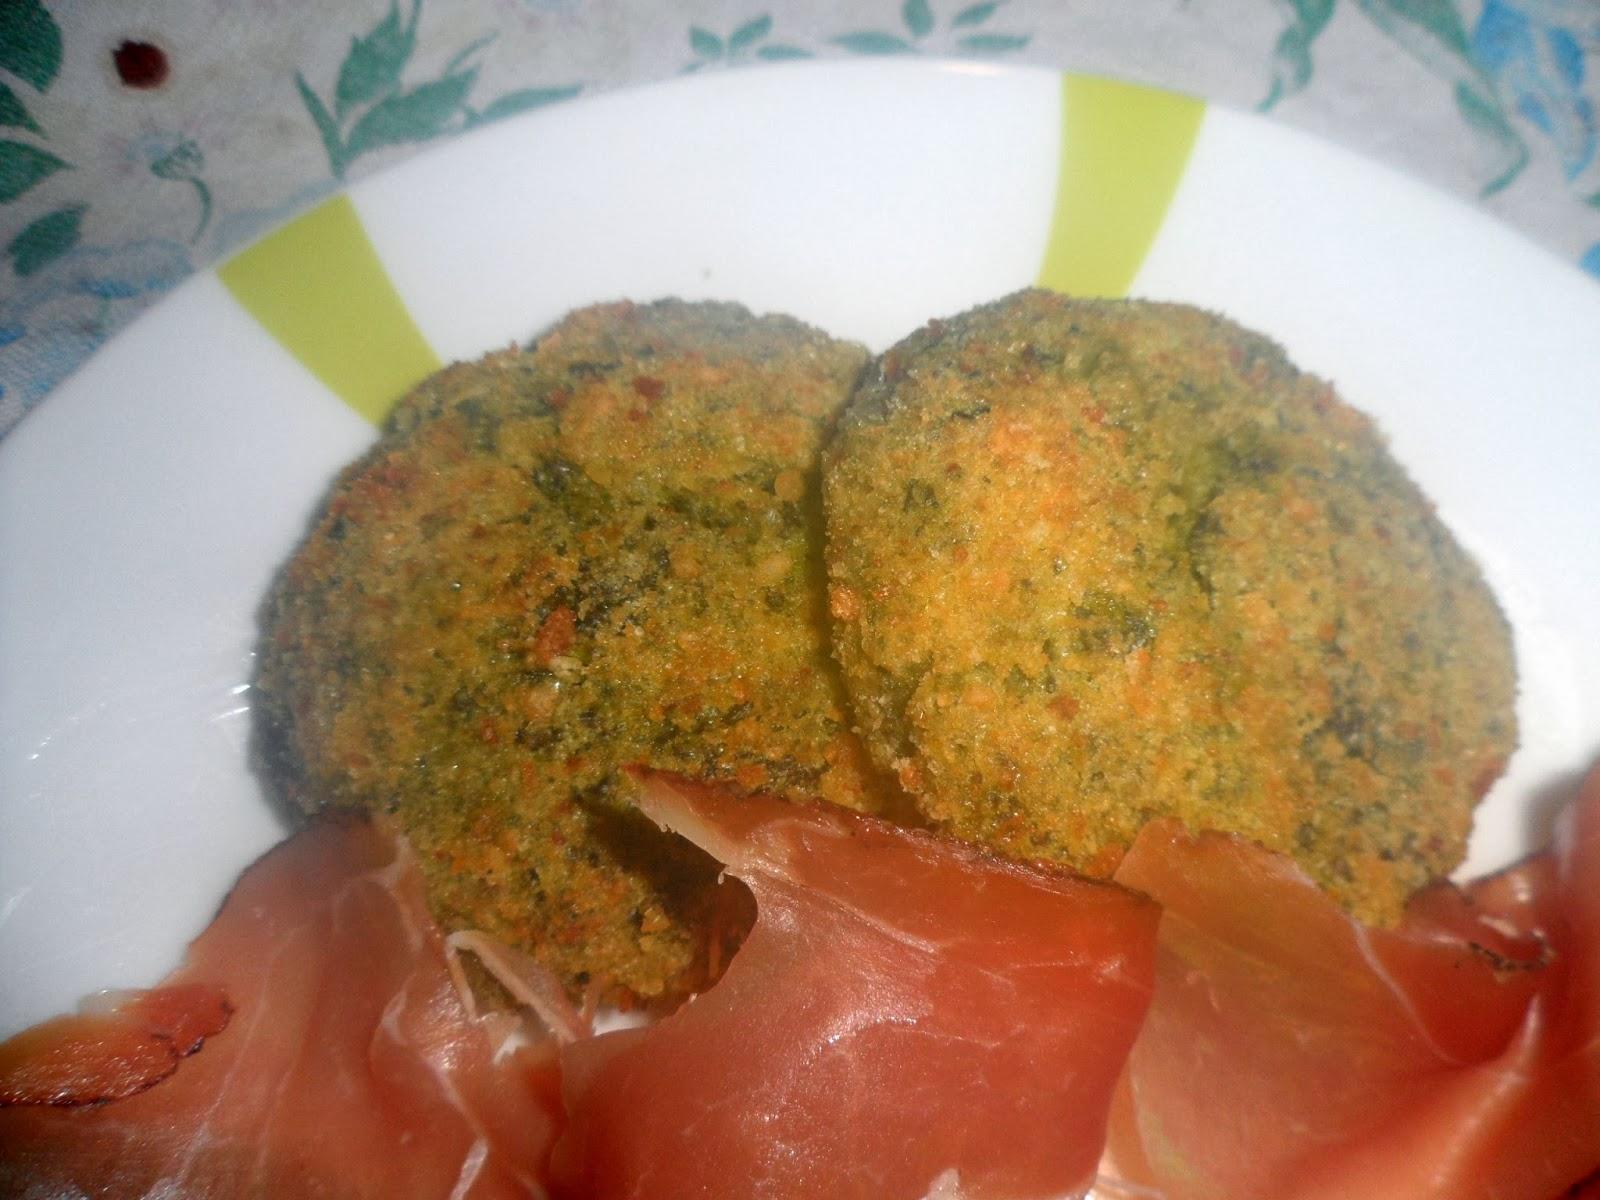 Polpette di broccoli al forno o fritte